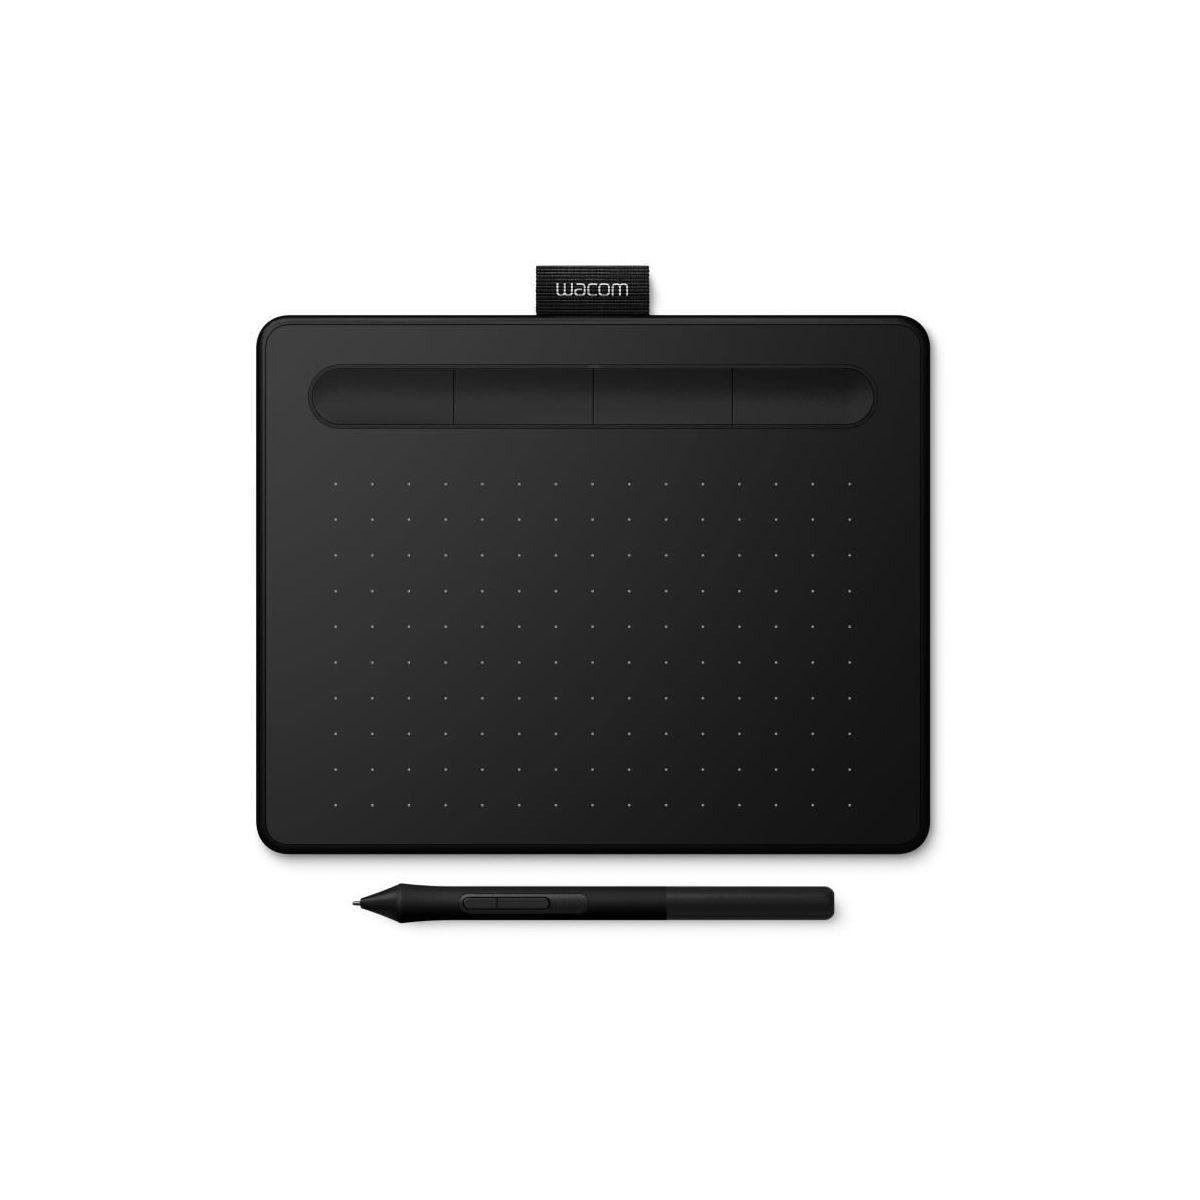 Tablette graph wacom intuos s noir - livraison offerte : code liv